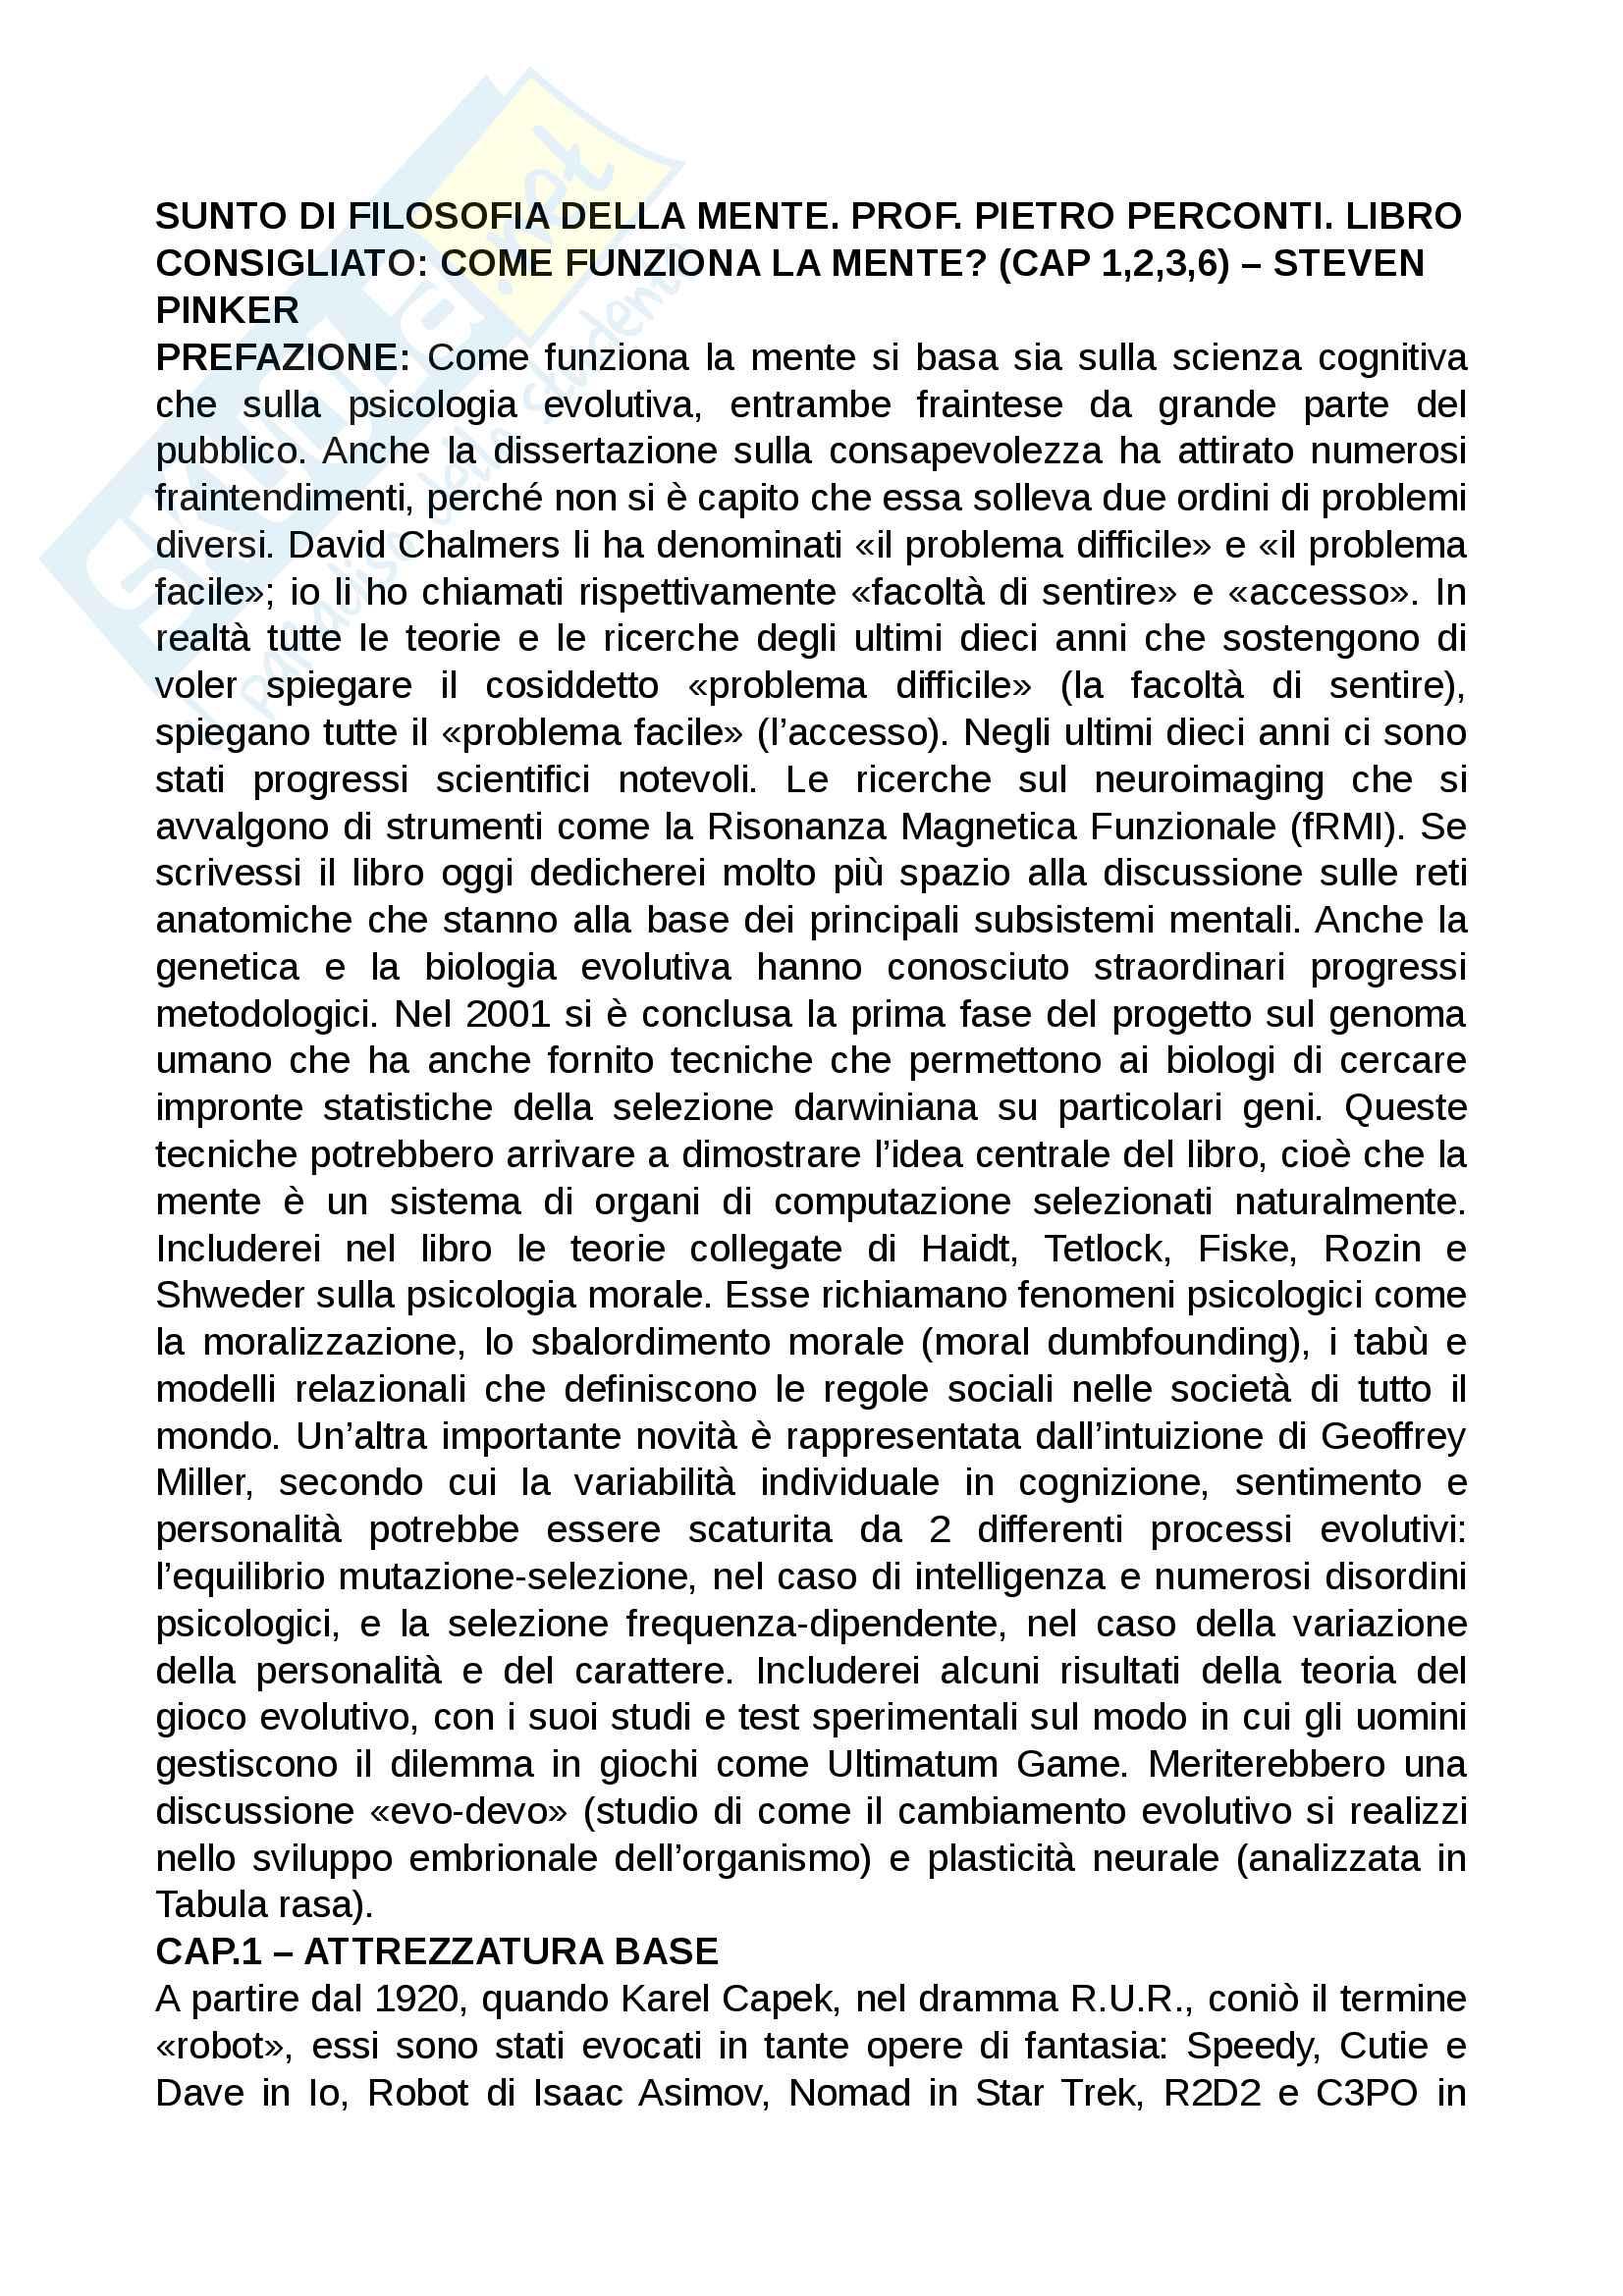 Riassunto esame filosofia della mente, Prof. Pietro Perconti. Testo consigliato Come funziona la mente, S. Pinker, cap 1, 2, 3, 6